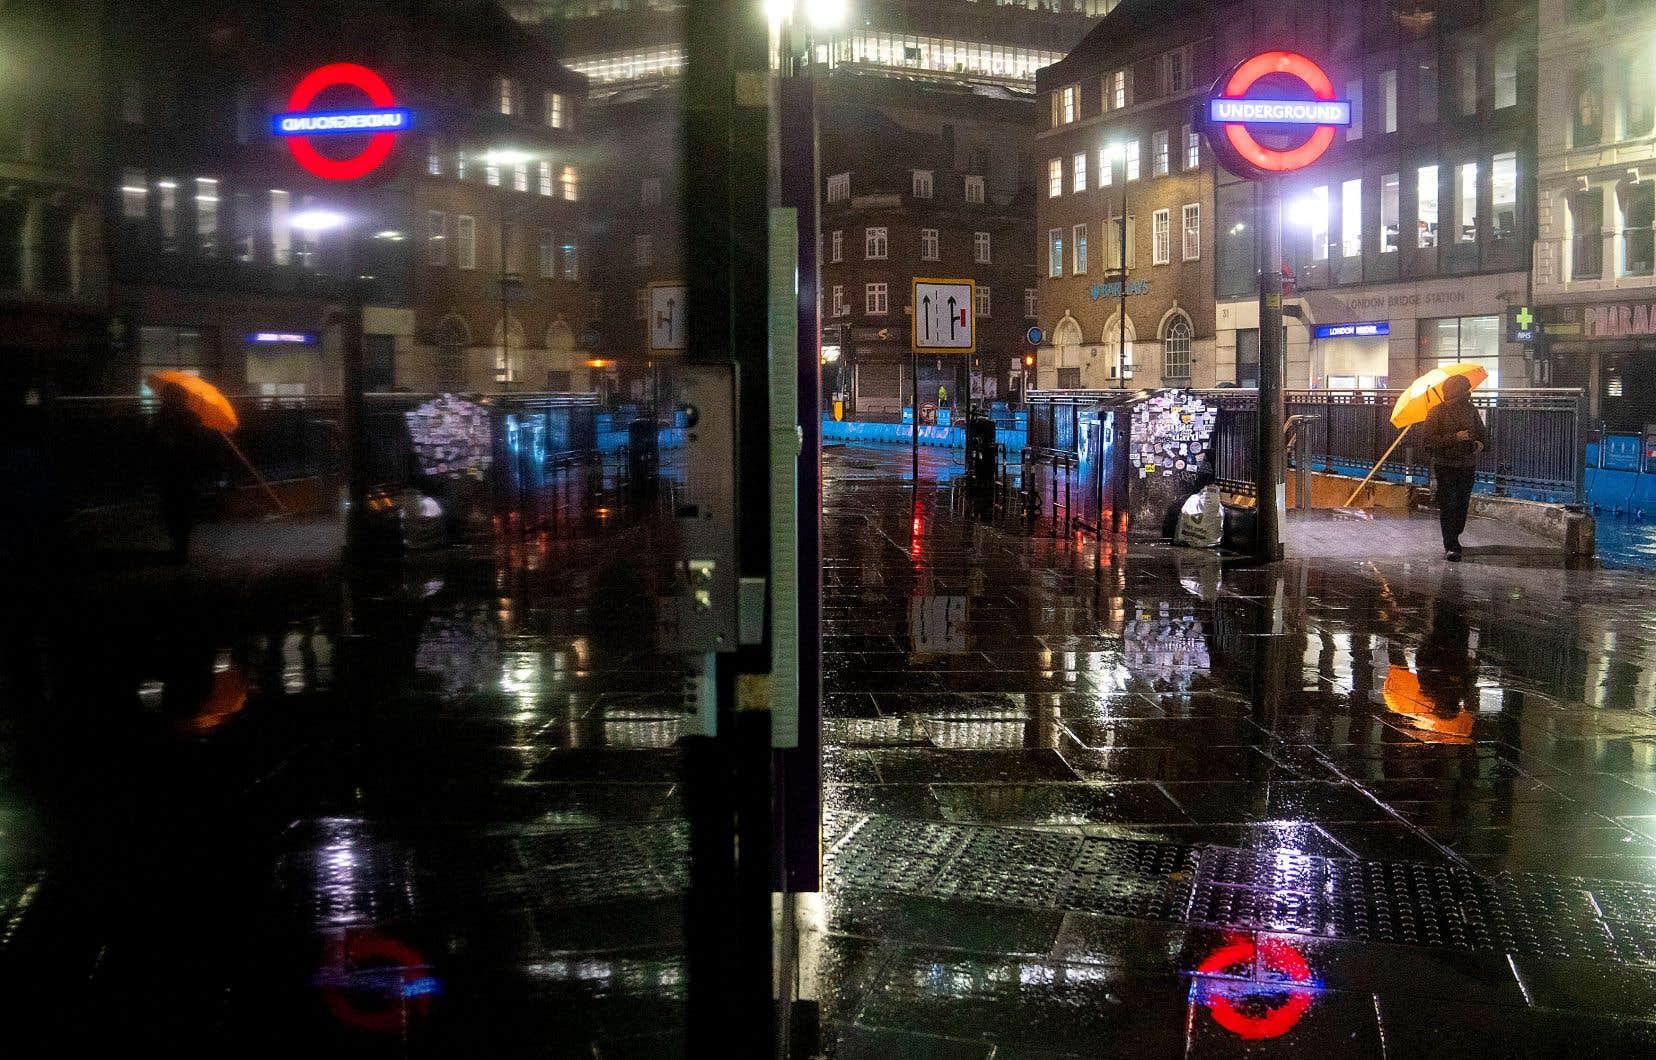 Les rues de la capitale anglaise, près du pont de Londres, étaient pratiquement vides mardi soir, en plein couvre-feu.